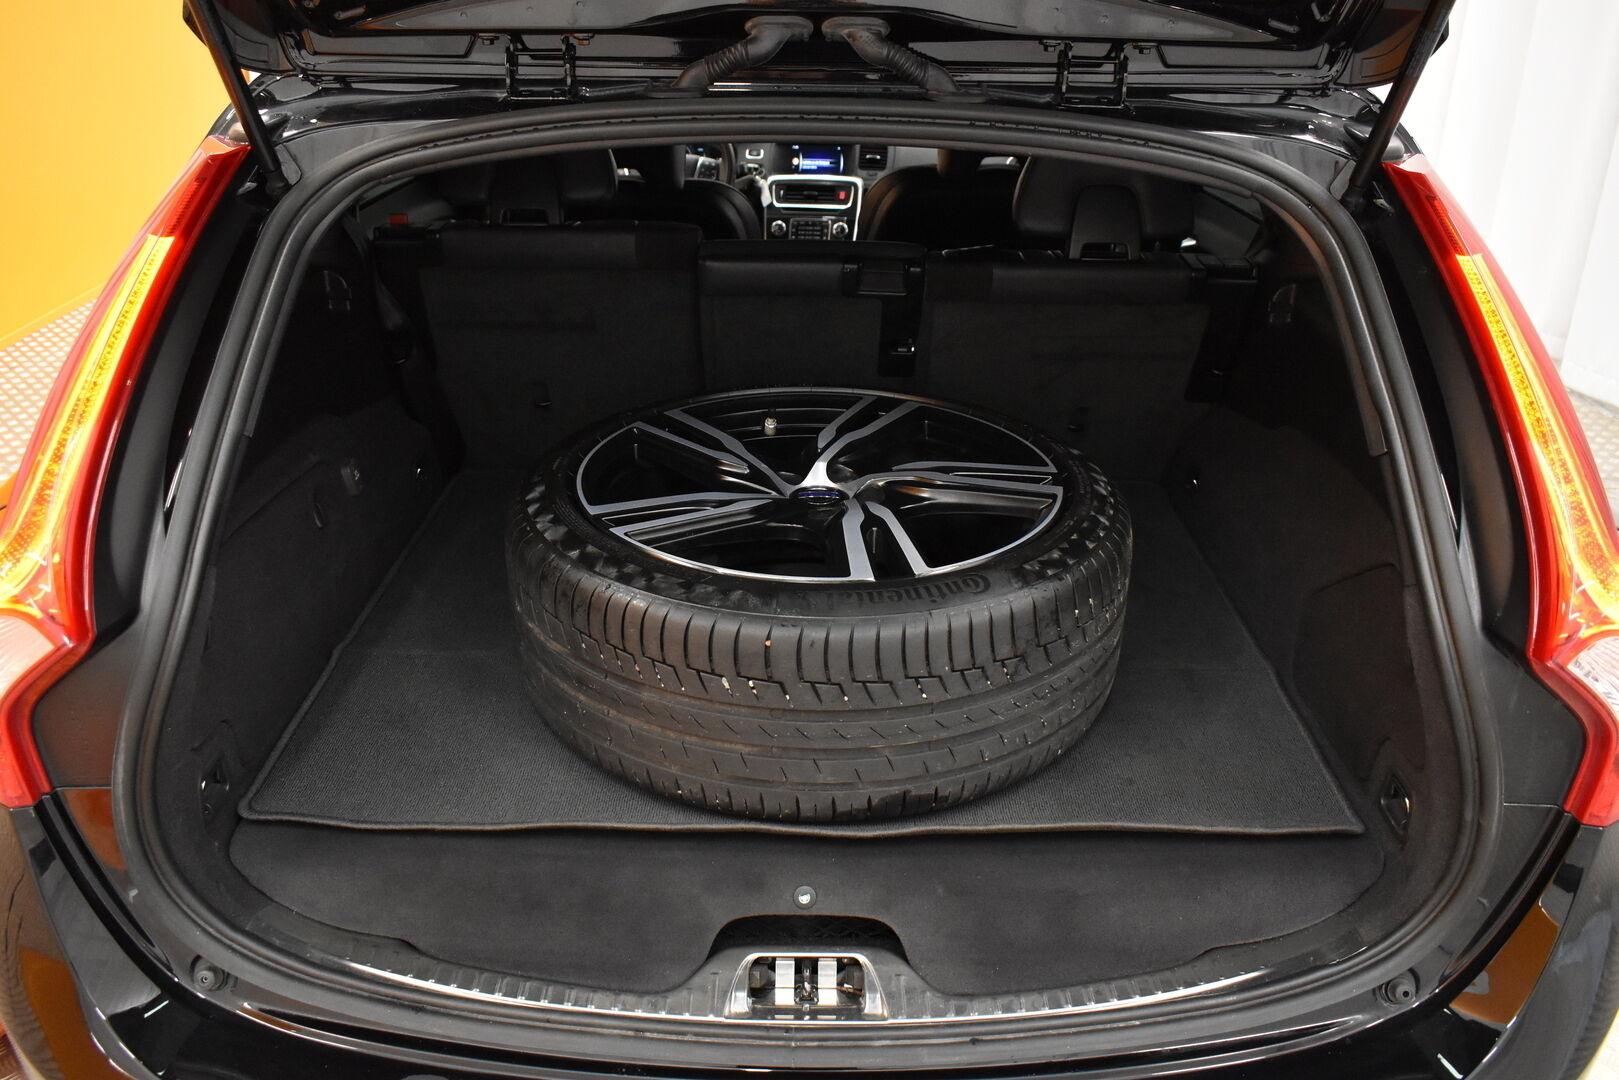 Musta Farmari, Volvo V60 – JÄR-93292, kuva 12